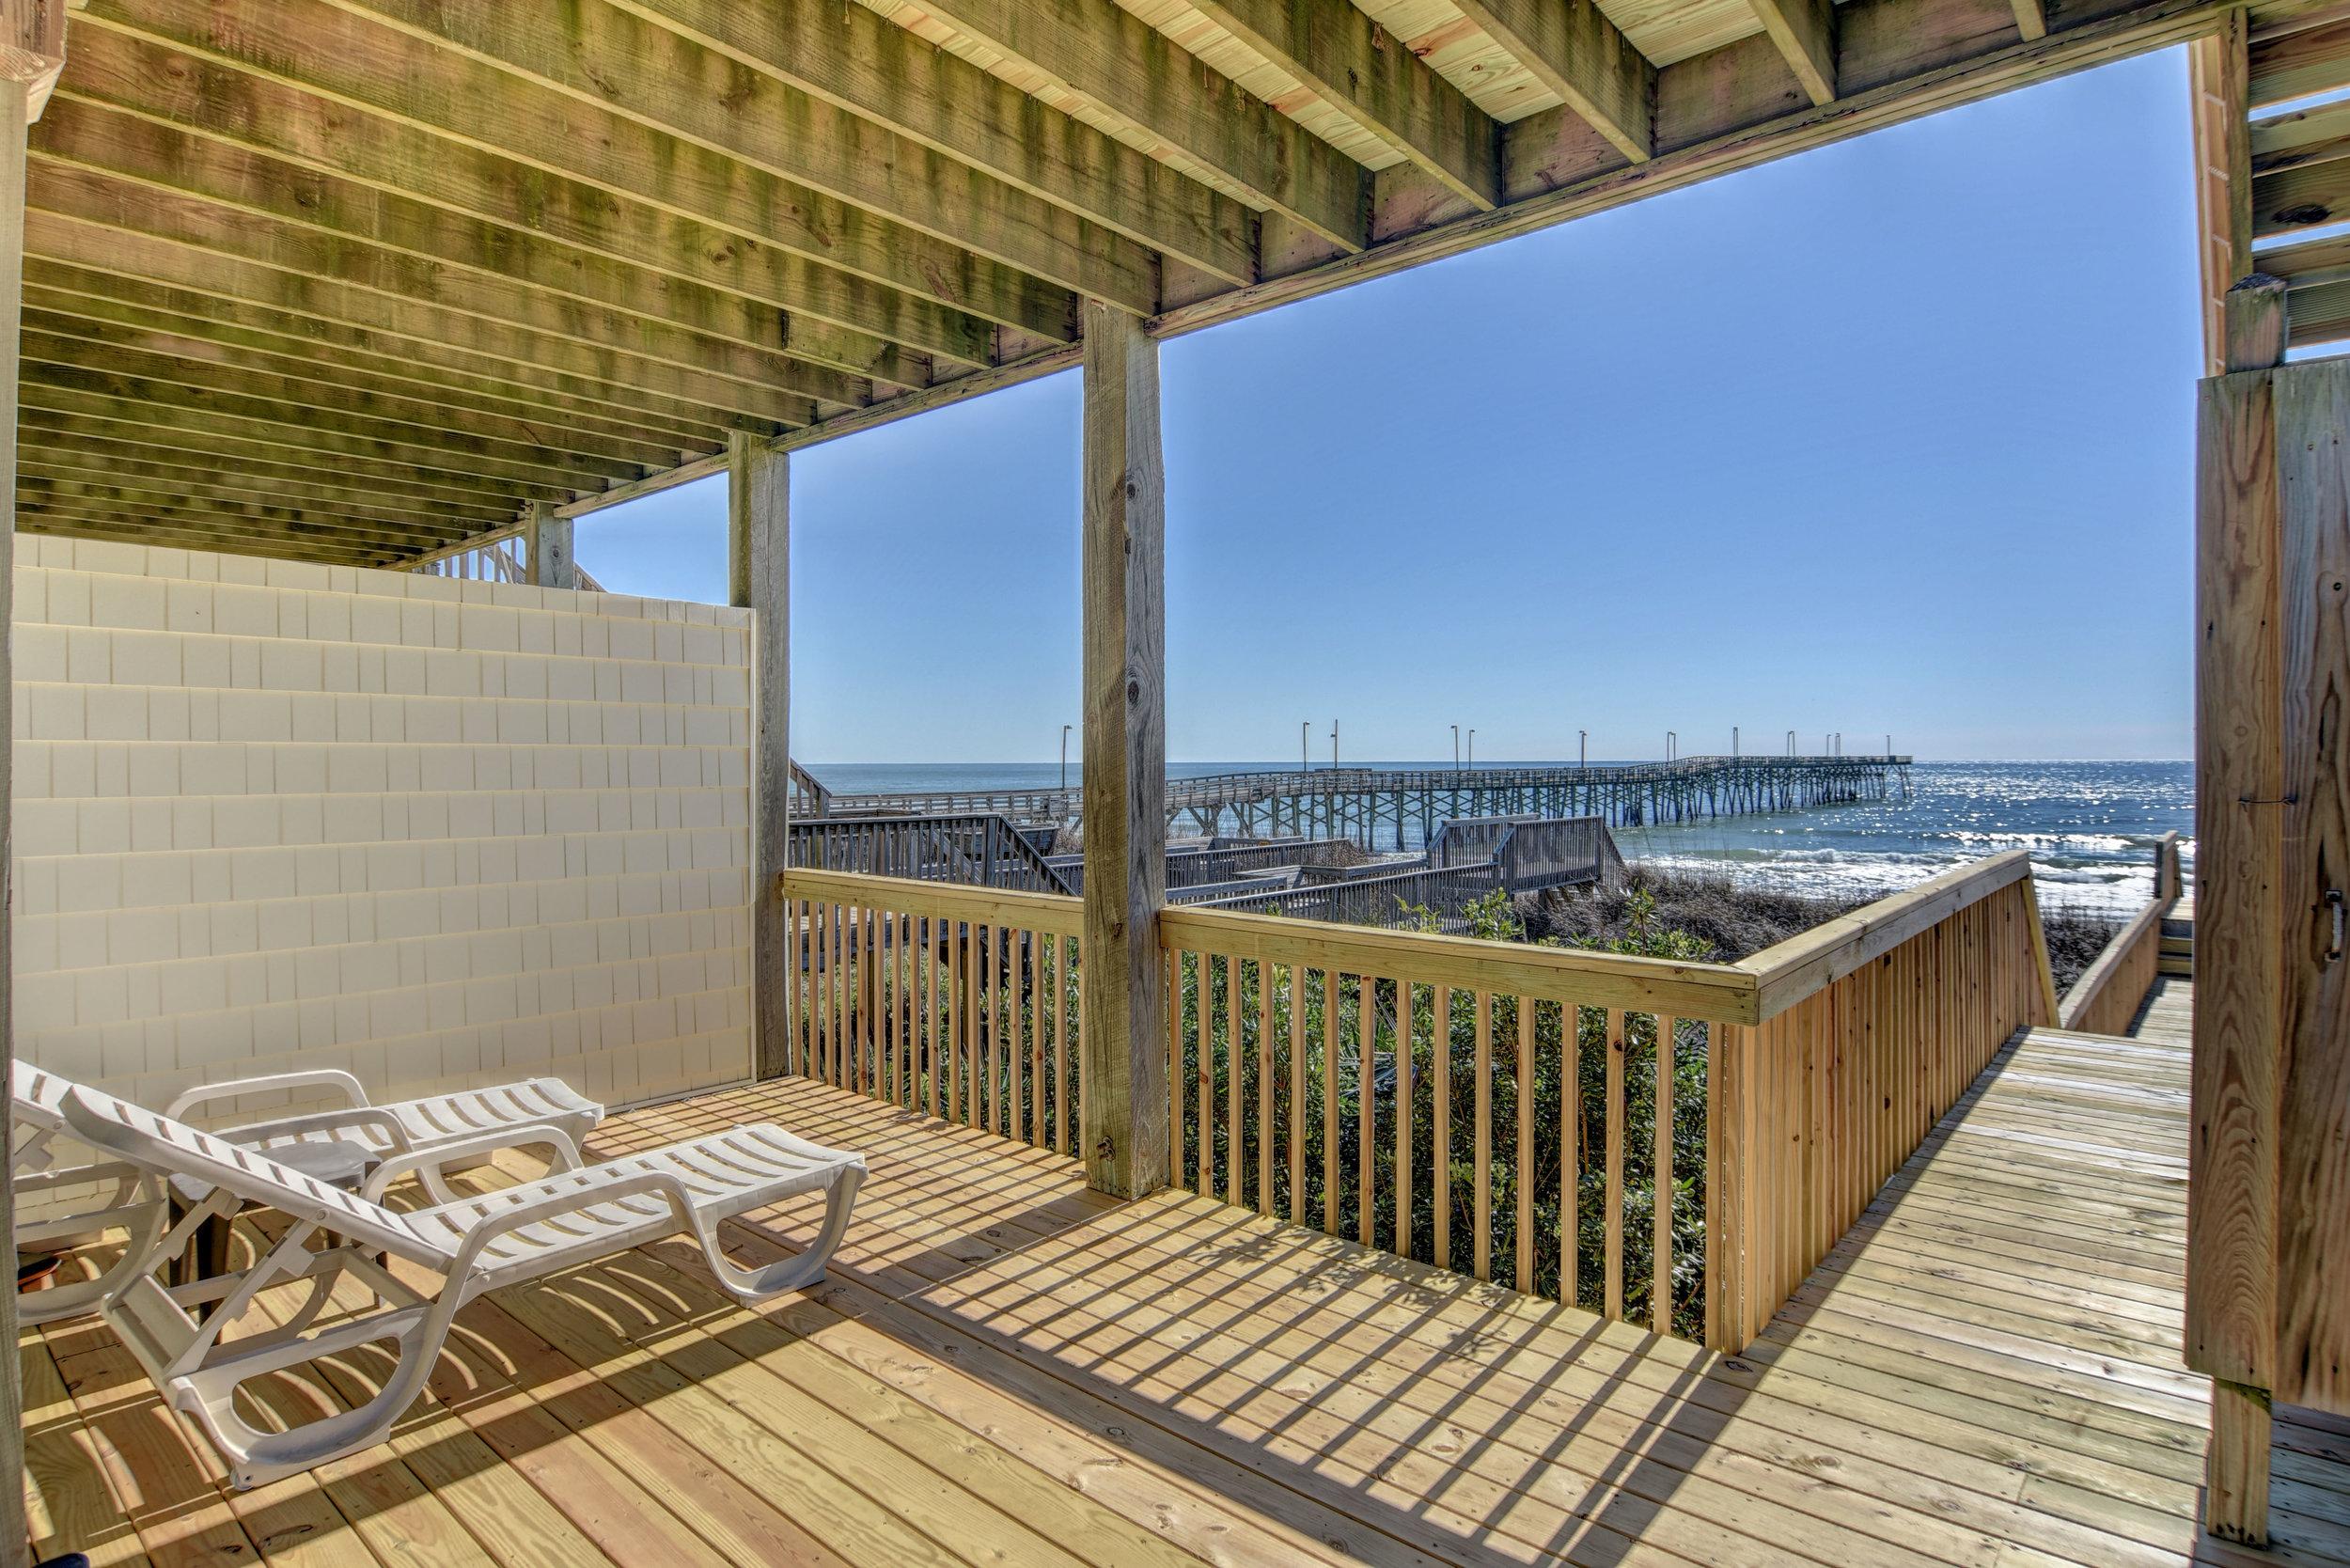 809B Ocean Blvd Topsail Beach-print-034-29-DSC 6215 6 7-4200x2803-300dpi.jpg